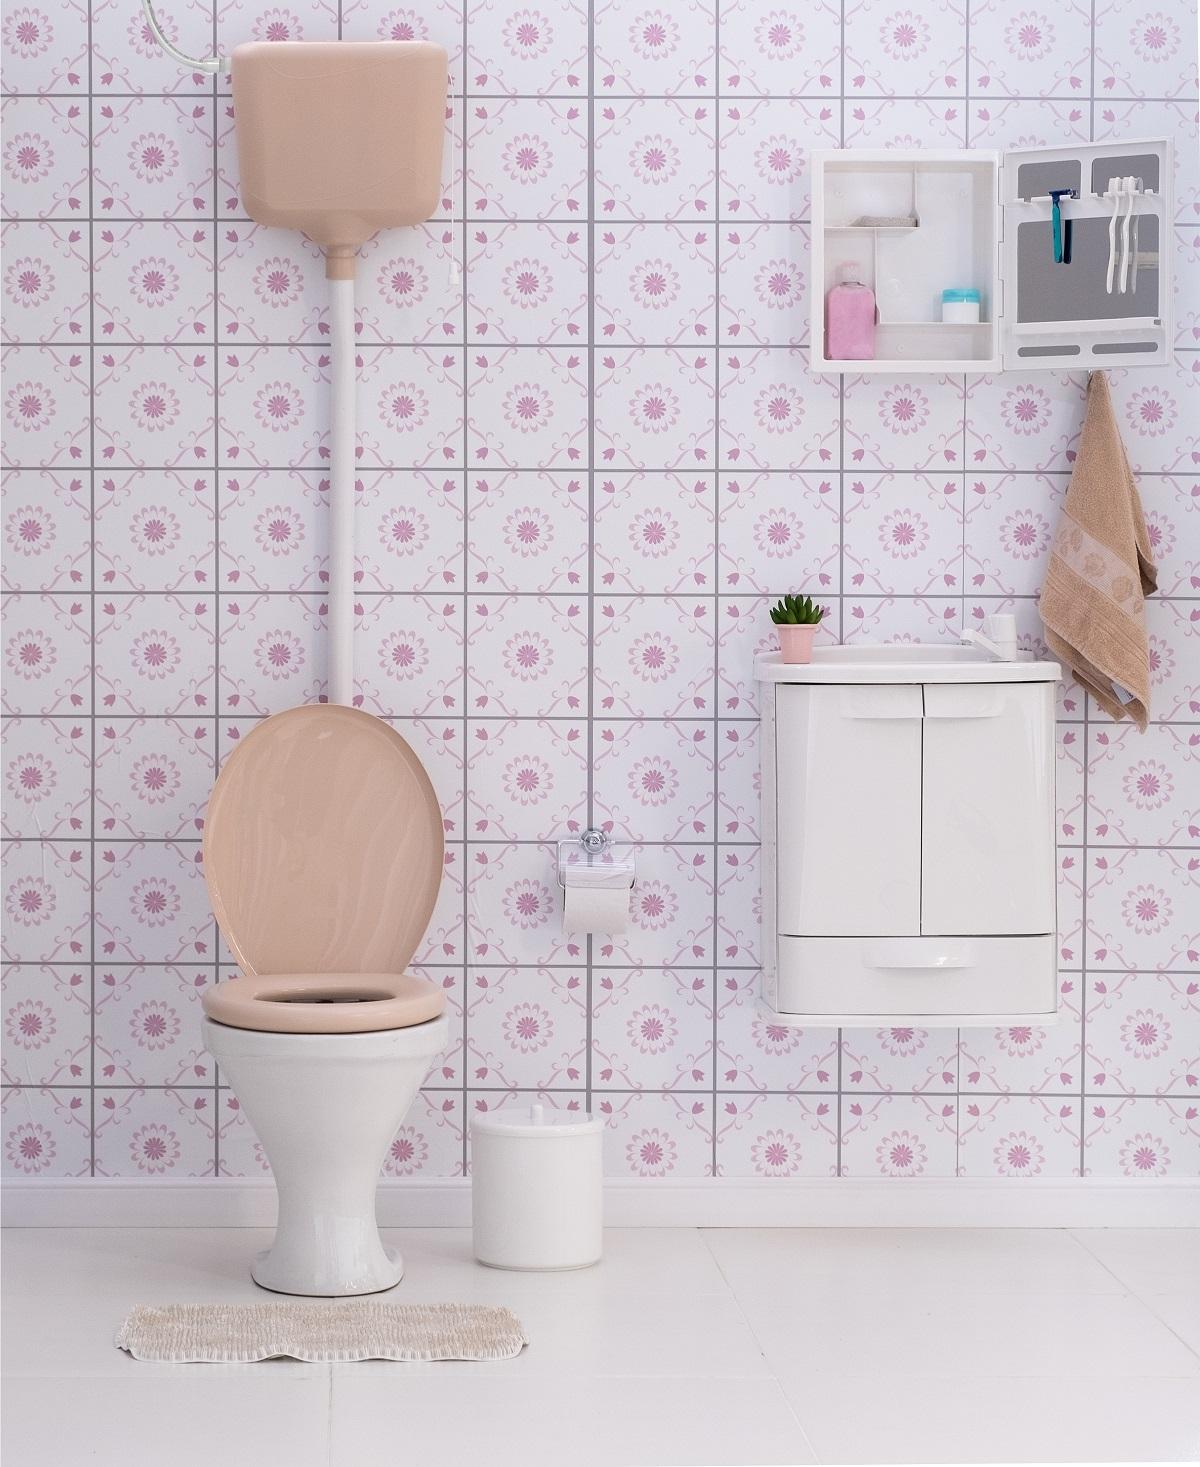 Banheiro - Caixa de descarga elevada - Modelo 01